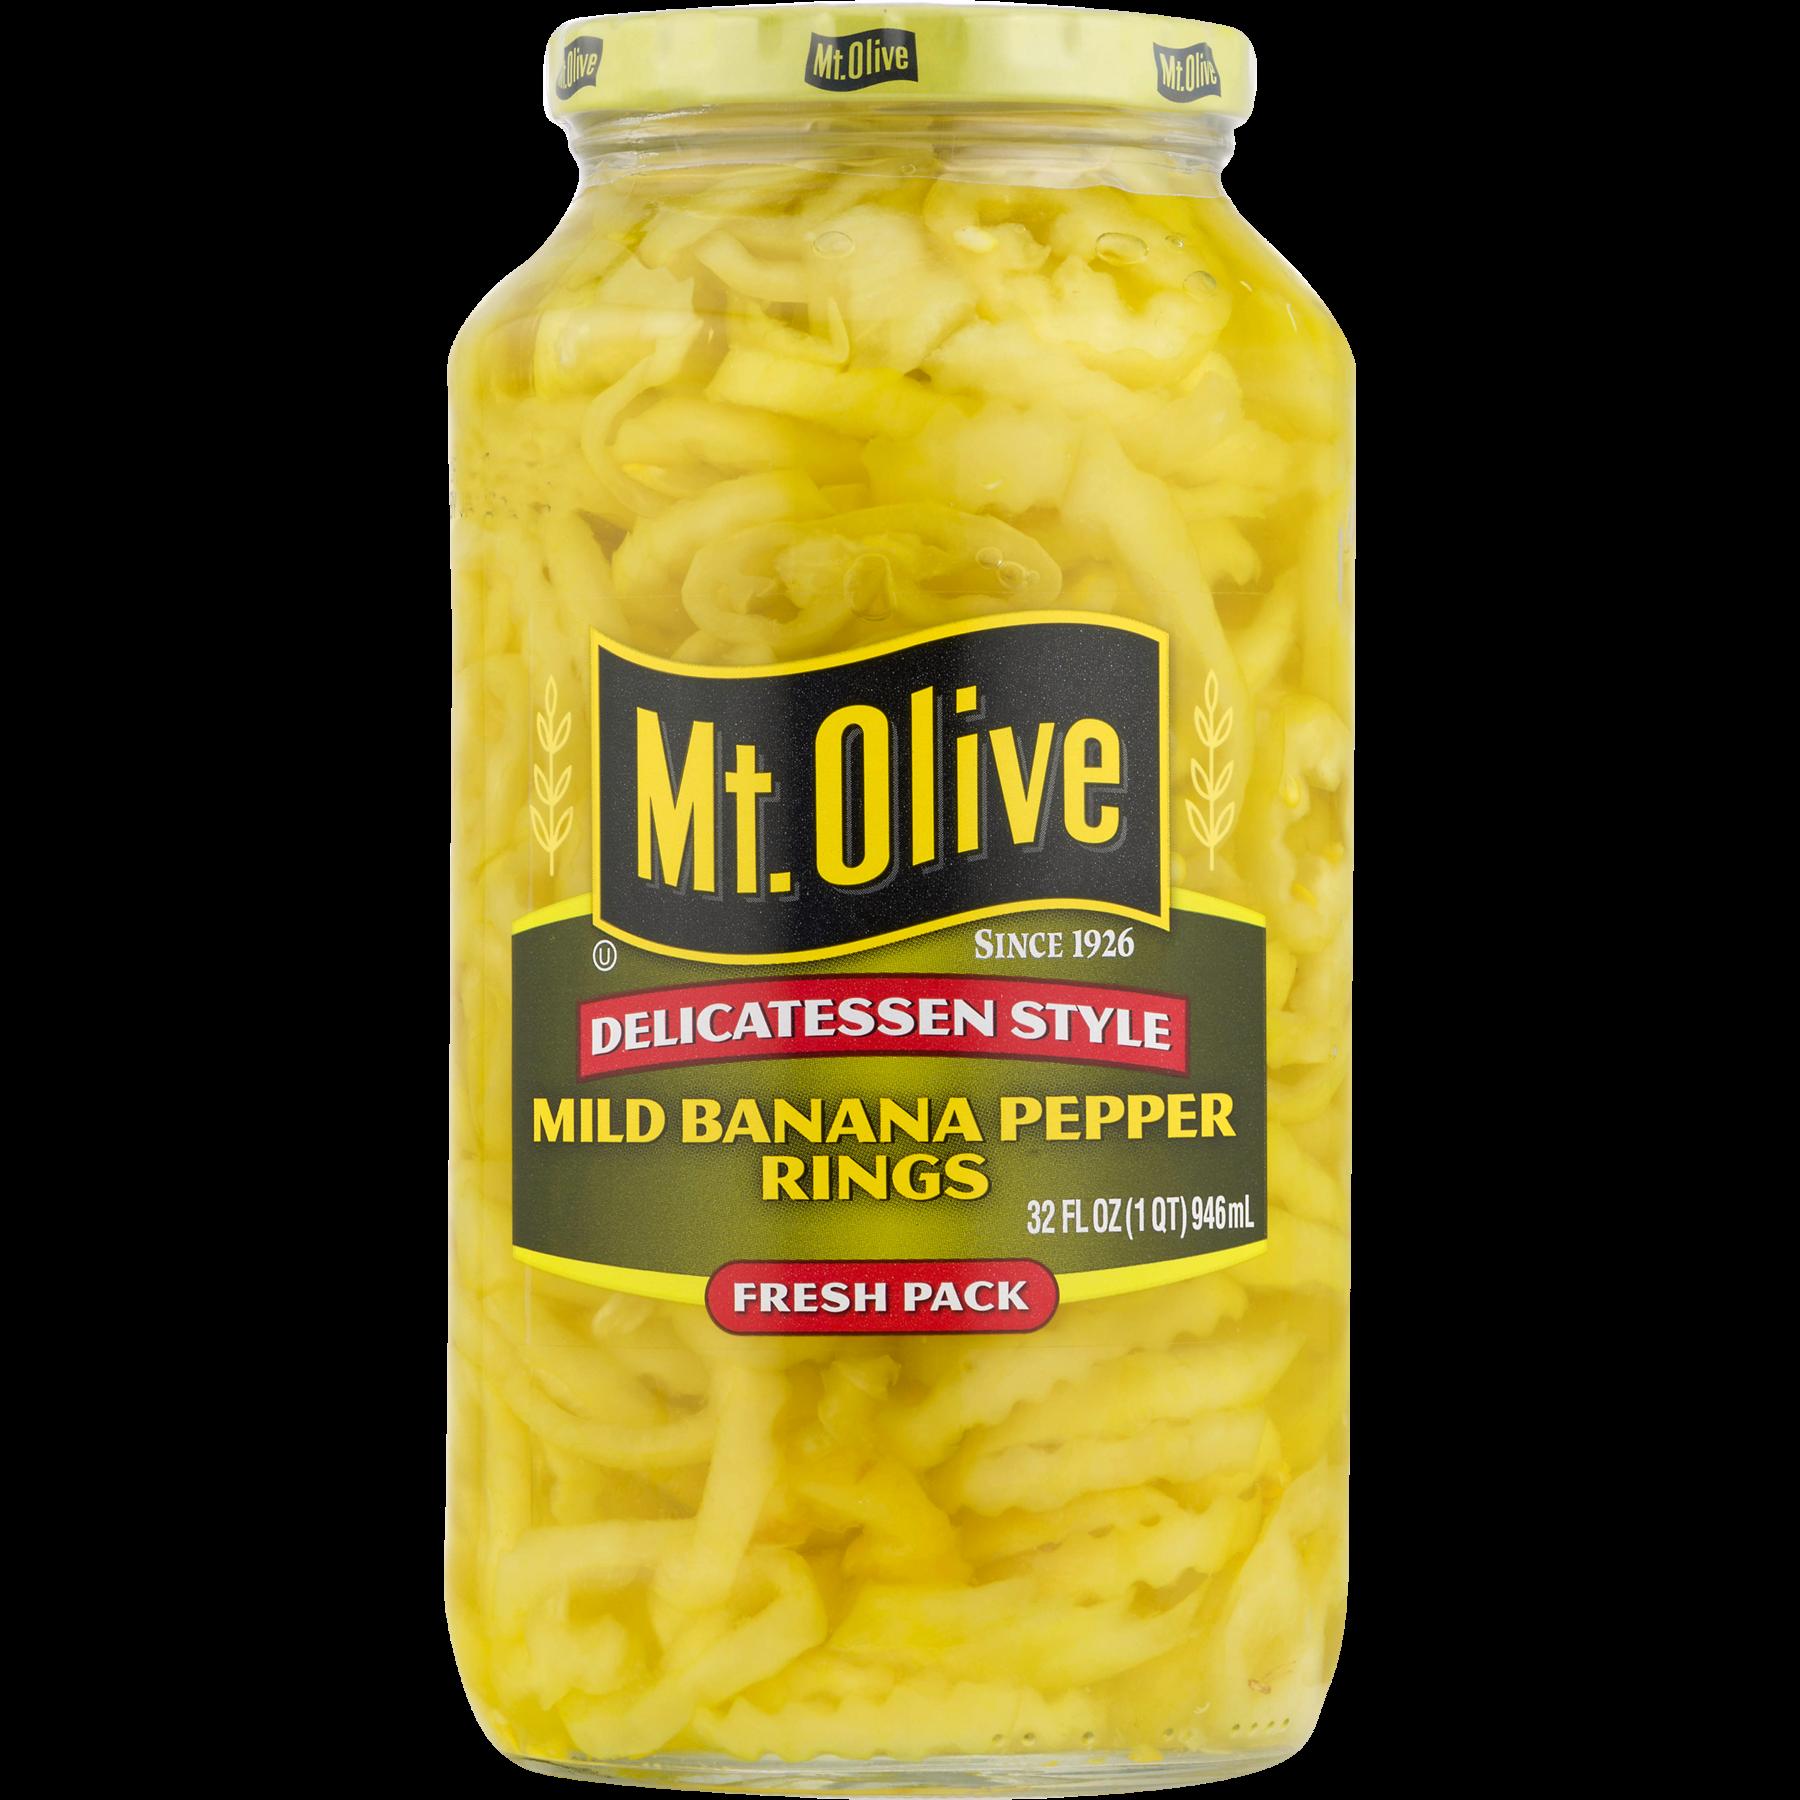 Mt Olive Delicatessen Style Mild Banana Pepper Rings 32 Oz Caja Usa Compra online y al mejor precio zanahoria rallada eco 345 g de cal valls y recíbelo en 24/48h. mt olive delicatessen style mild banana pepper rings 32 oz